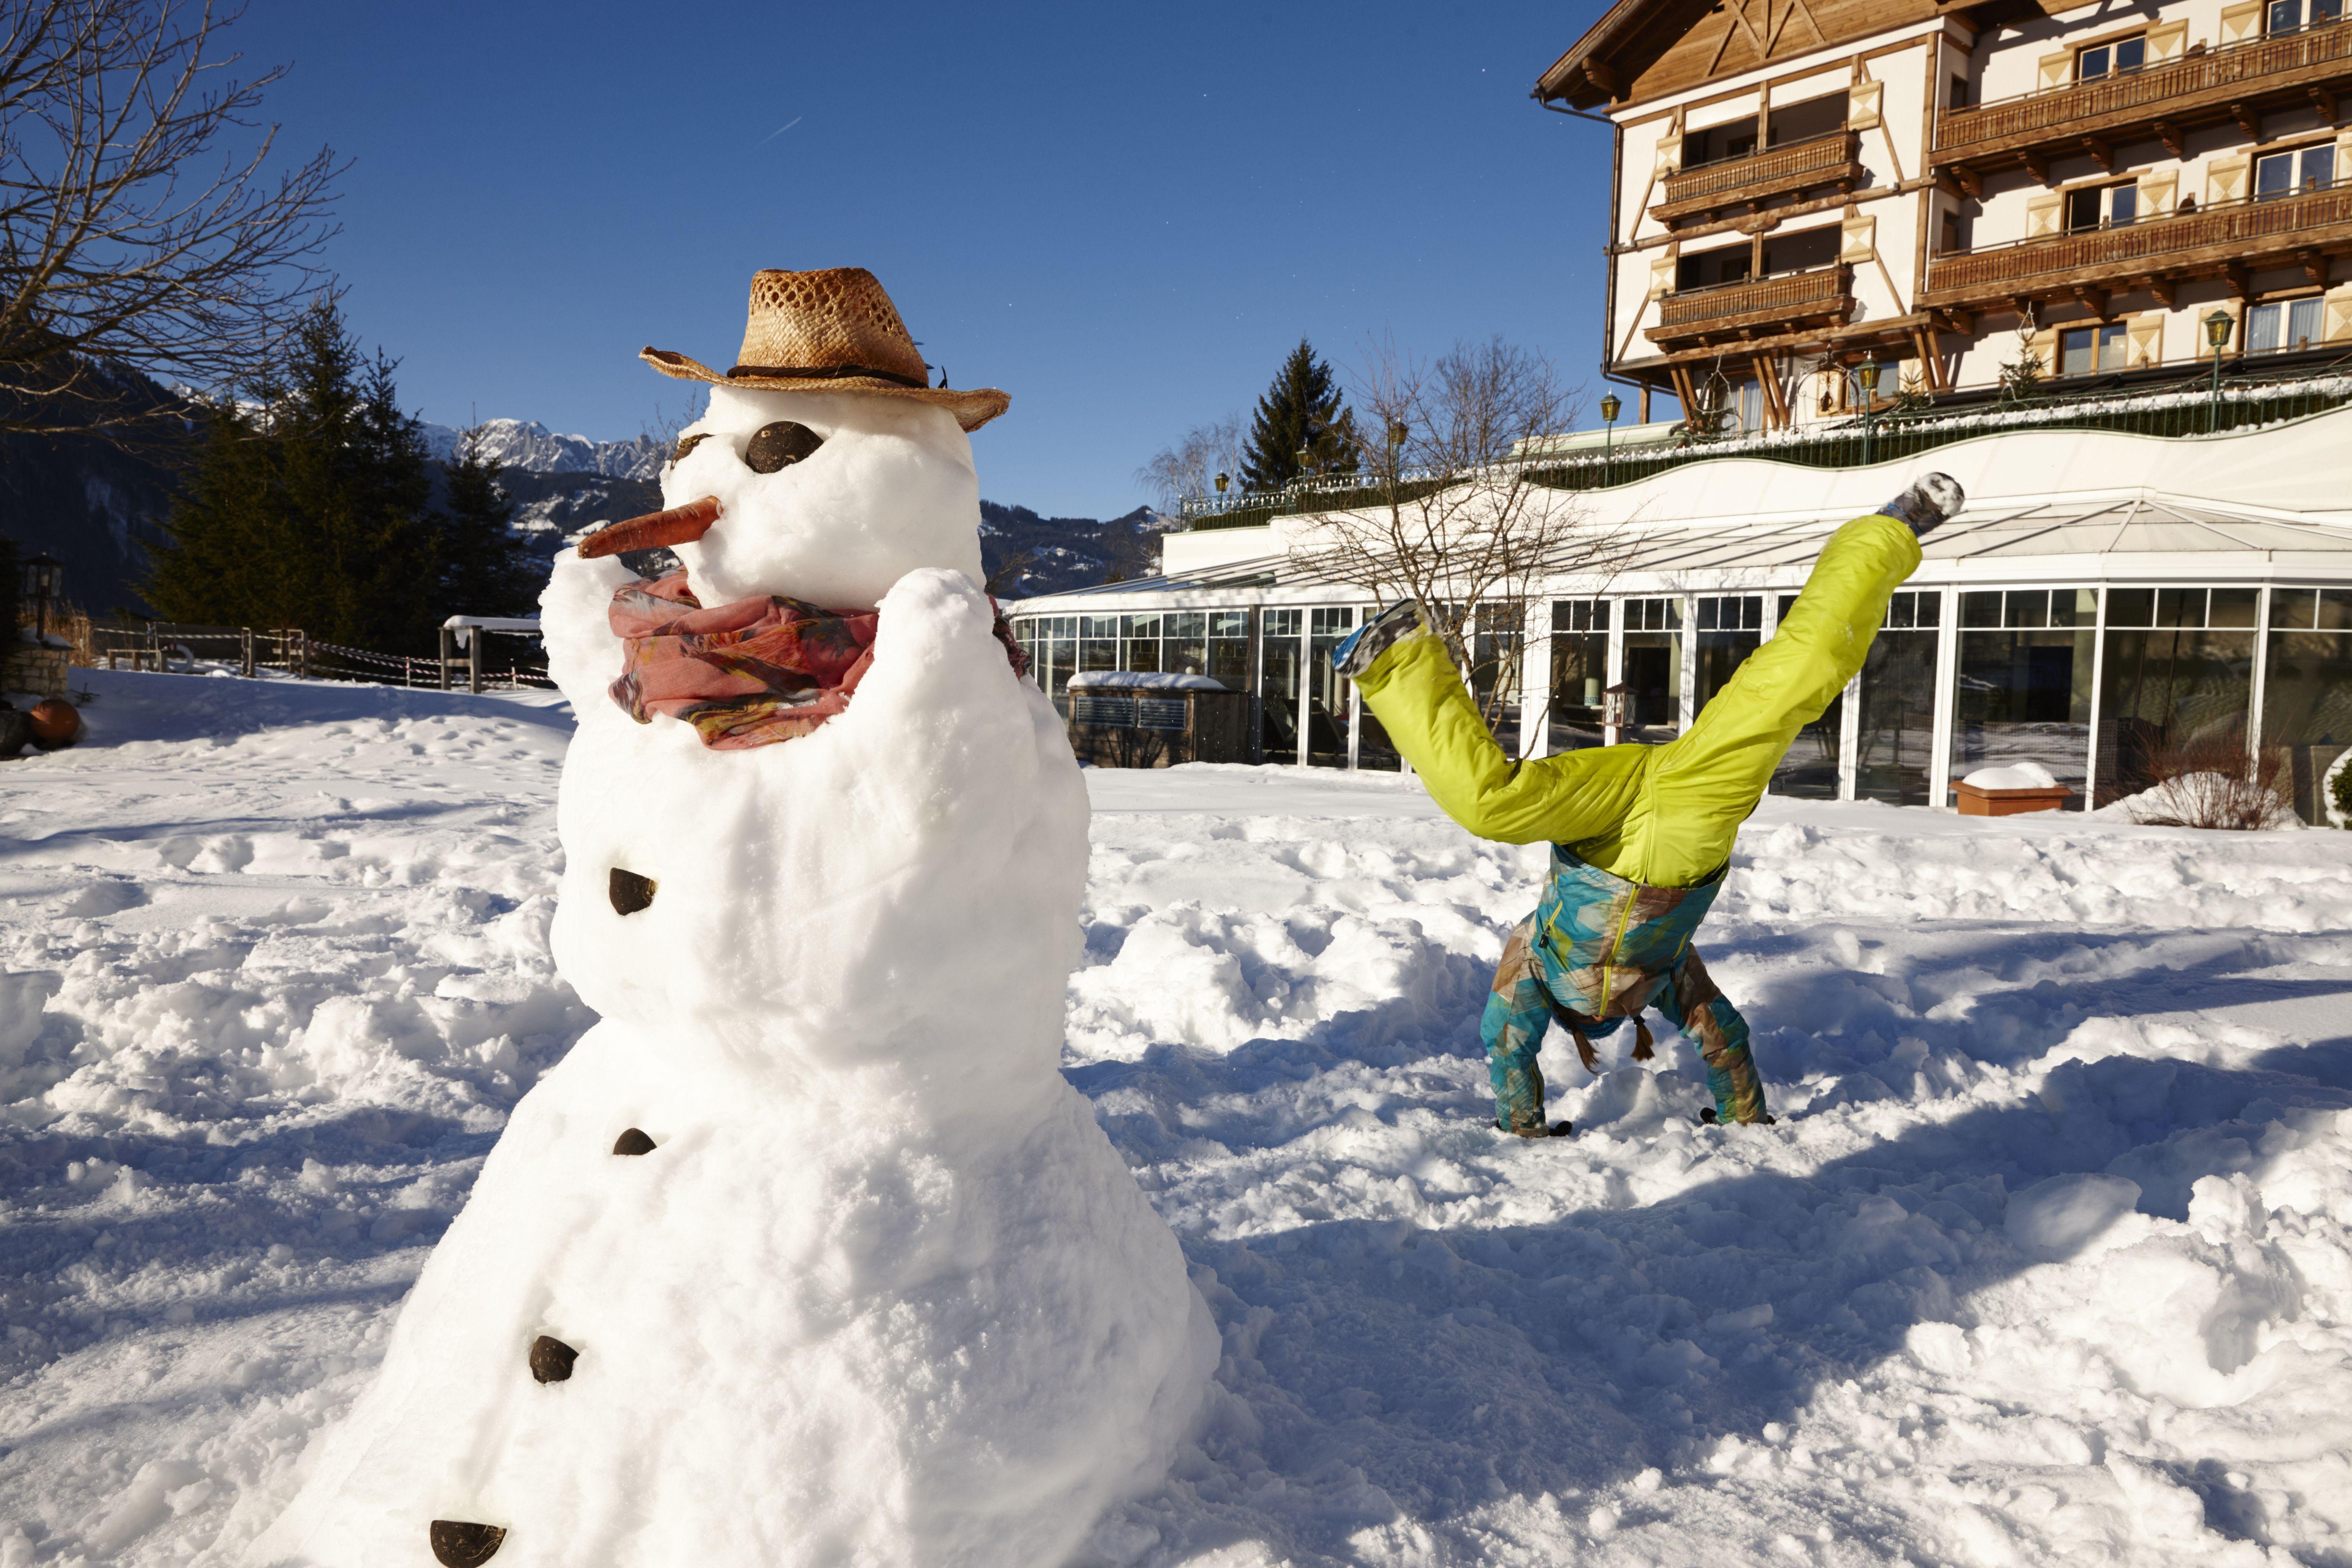 Schneemann bauen im Oberforsthof Garten. Das Familienhotel in Salzburg. Verbringen Sie Ihren Urlaub mit den Kindern in Österreich